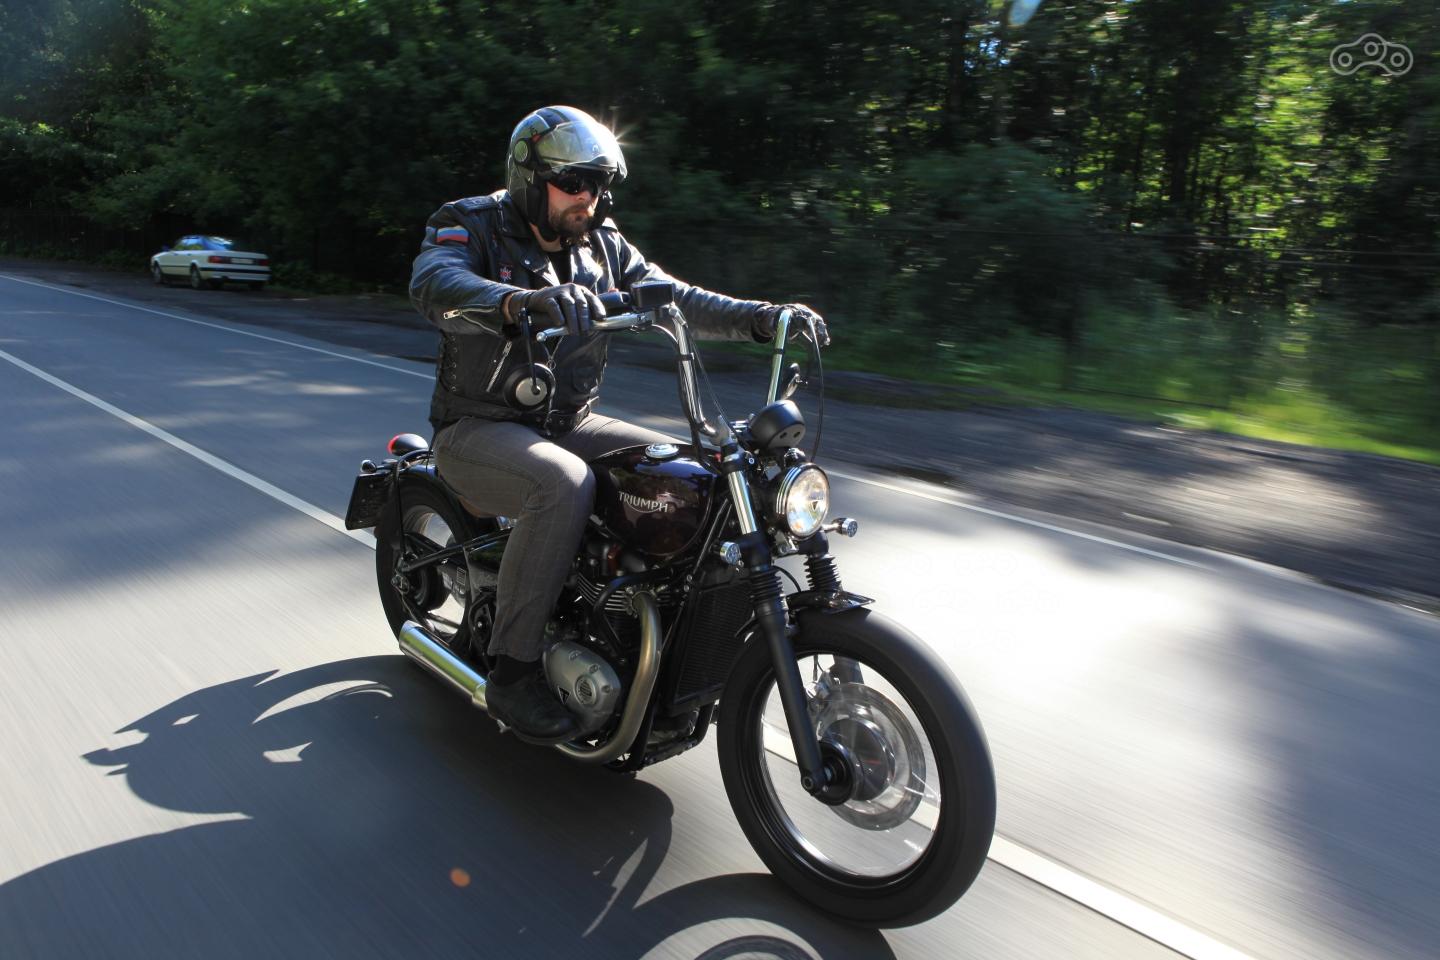 Тест-драйв мотоцикла Kawasaki W800